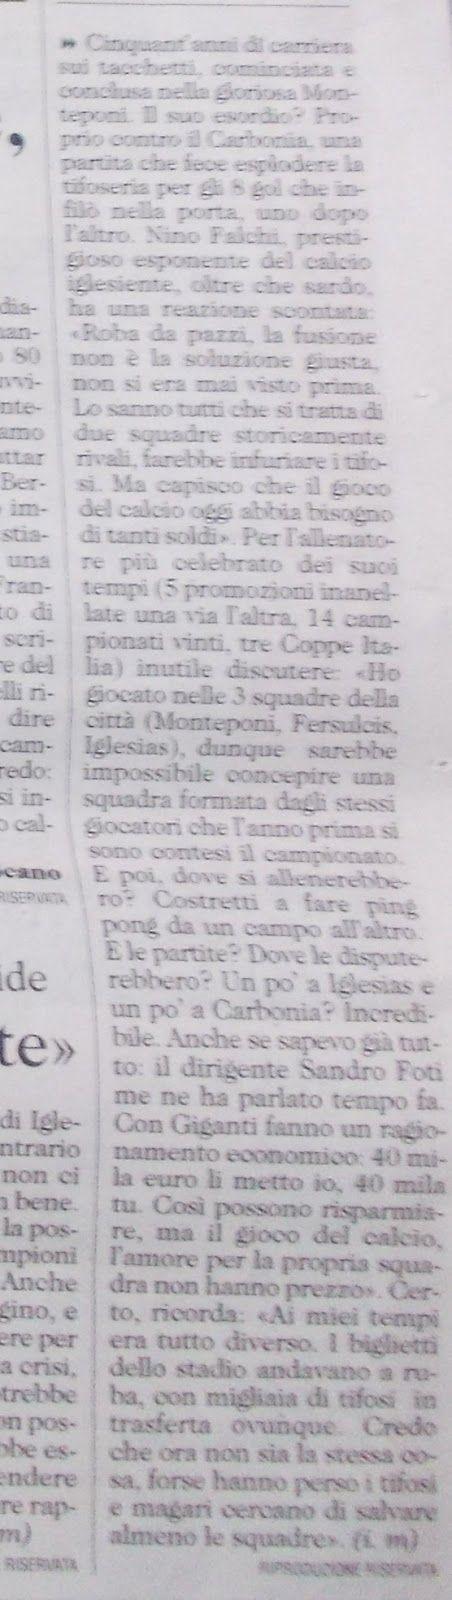 """SCRIVOQUANDOVOGLIO: NINO FALCHI """"E' PAZZESCO,COMPAGNI STORICAMENTE SUP..."""